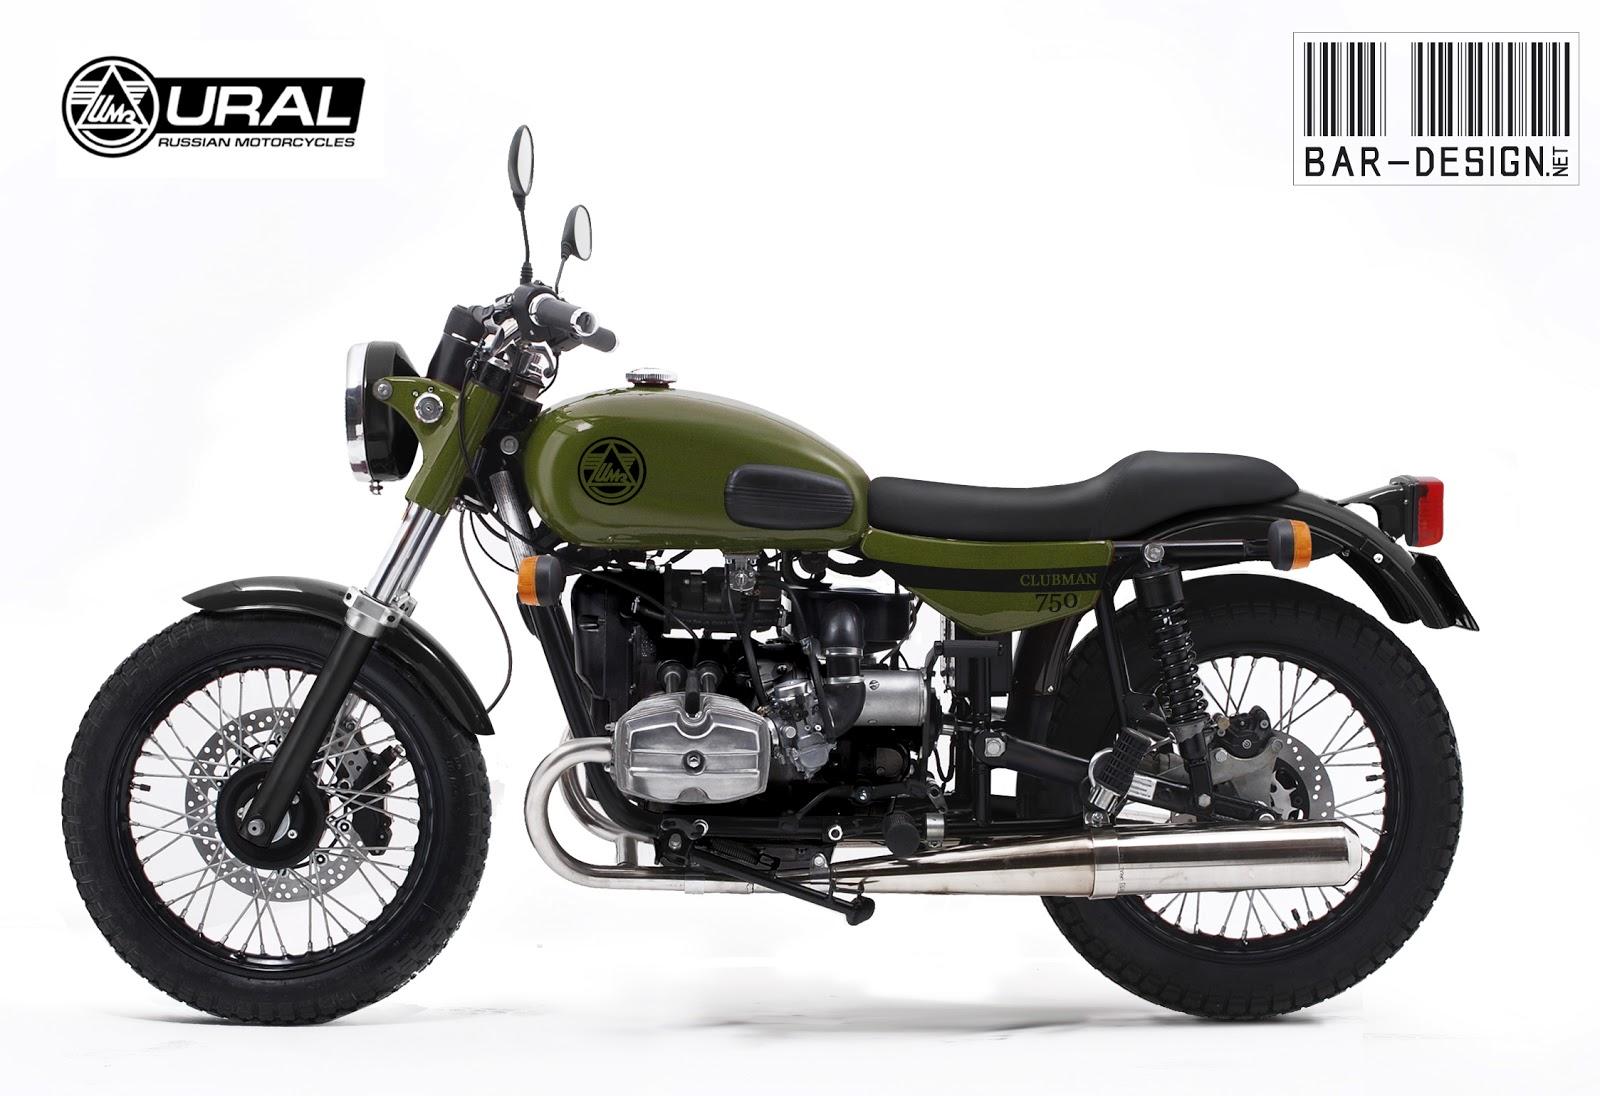 motorcycle 74 concept ural 650 solo by bar design. Black Bedroom Furniture Sets. Home Design Ideas